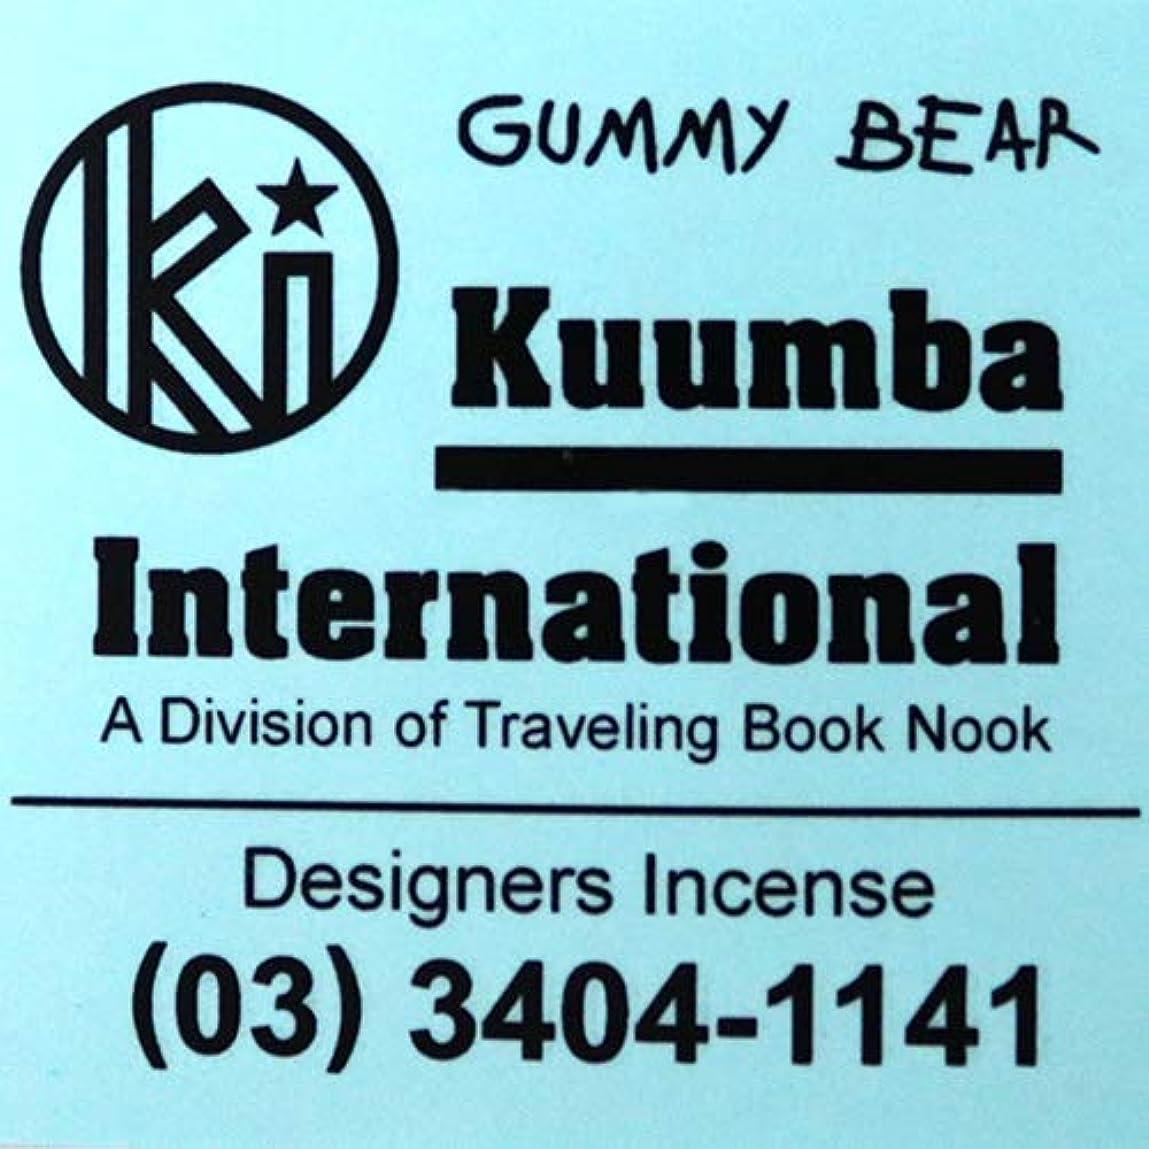 であることぴかぴか花に水をやる(クンバ) KUUMBA『incense』(GUMMY BEAR) (GUMMY BEAR, Regular size)